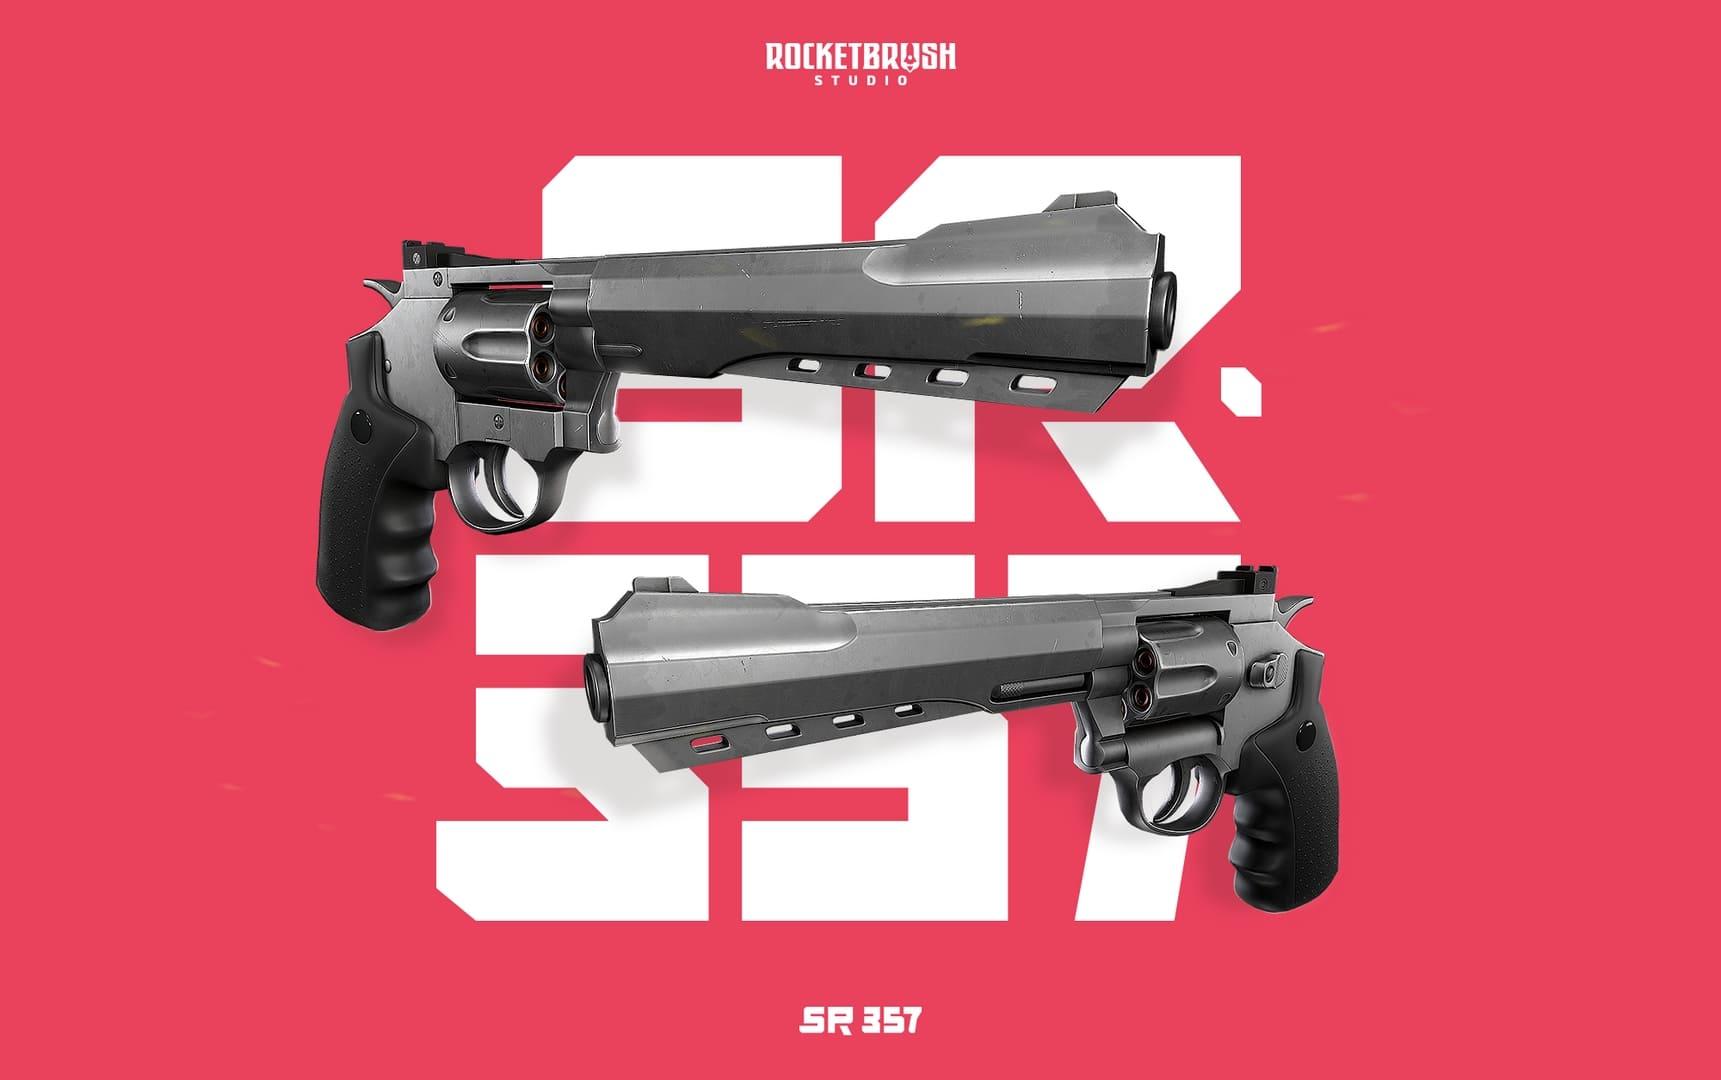 3d gun models, 3d weapons, 3d props, fortnite guns, 3d game guns